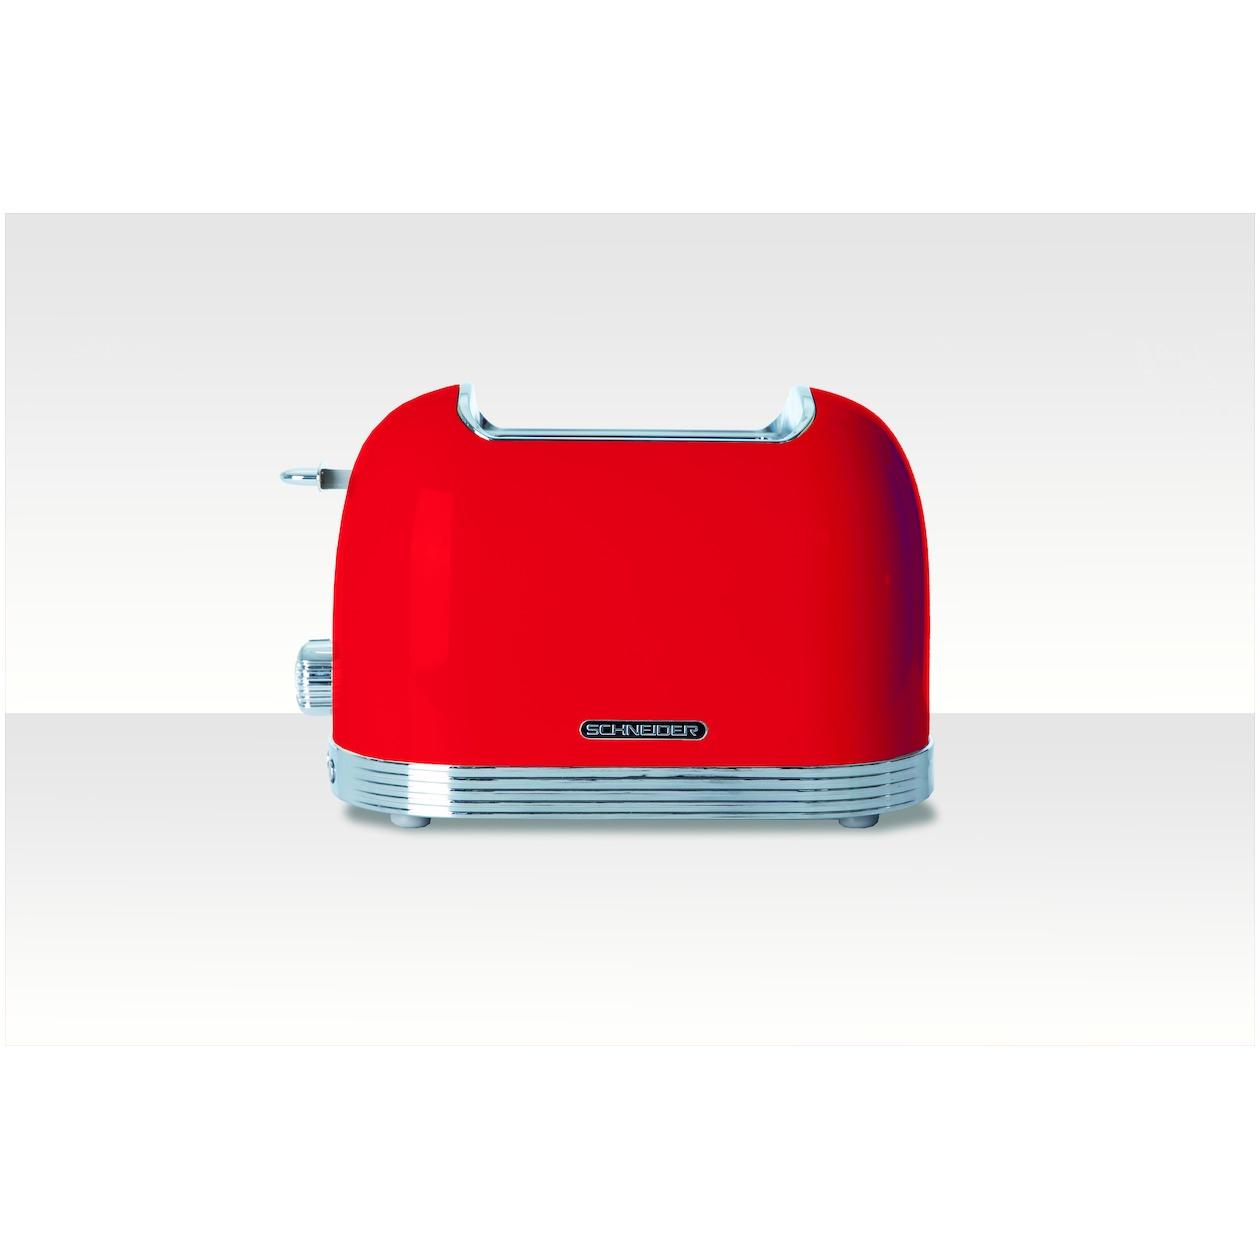 Schneider broodrooster SL T2.2 FR rood